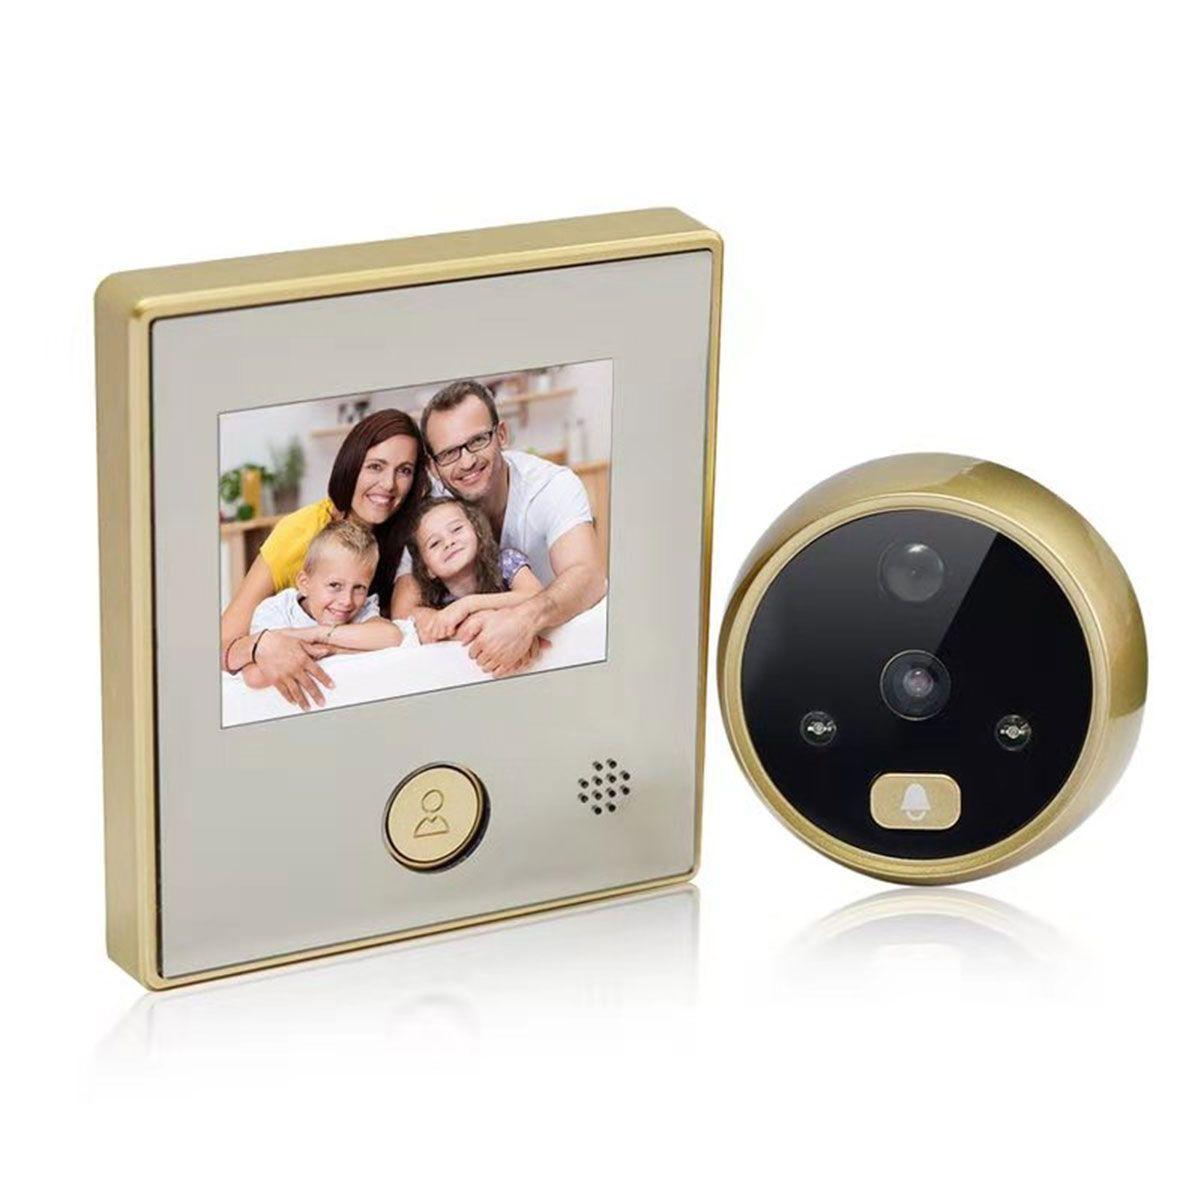 C07 초인종 카메라 디지털 도어 뷰어 3.5 인치 LCD 디스플레이 엿봄 와이드 앵글